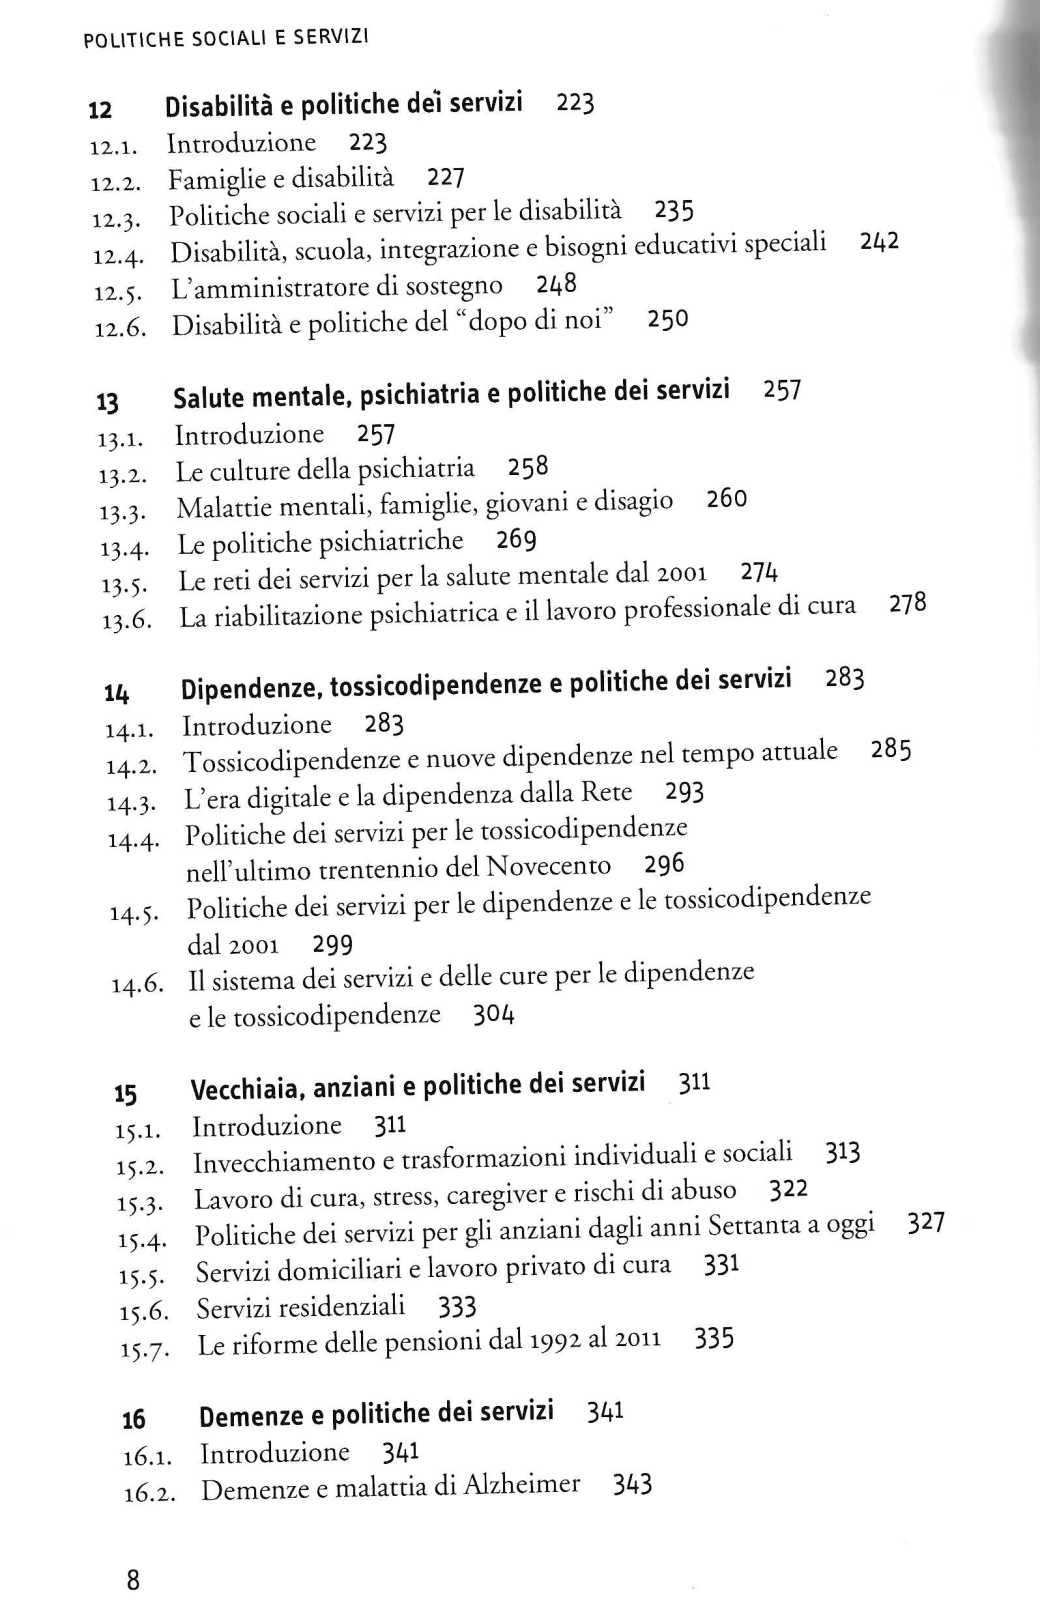 paolo-ferrario-politiche-dei-servizi4777